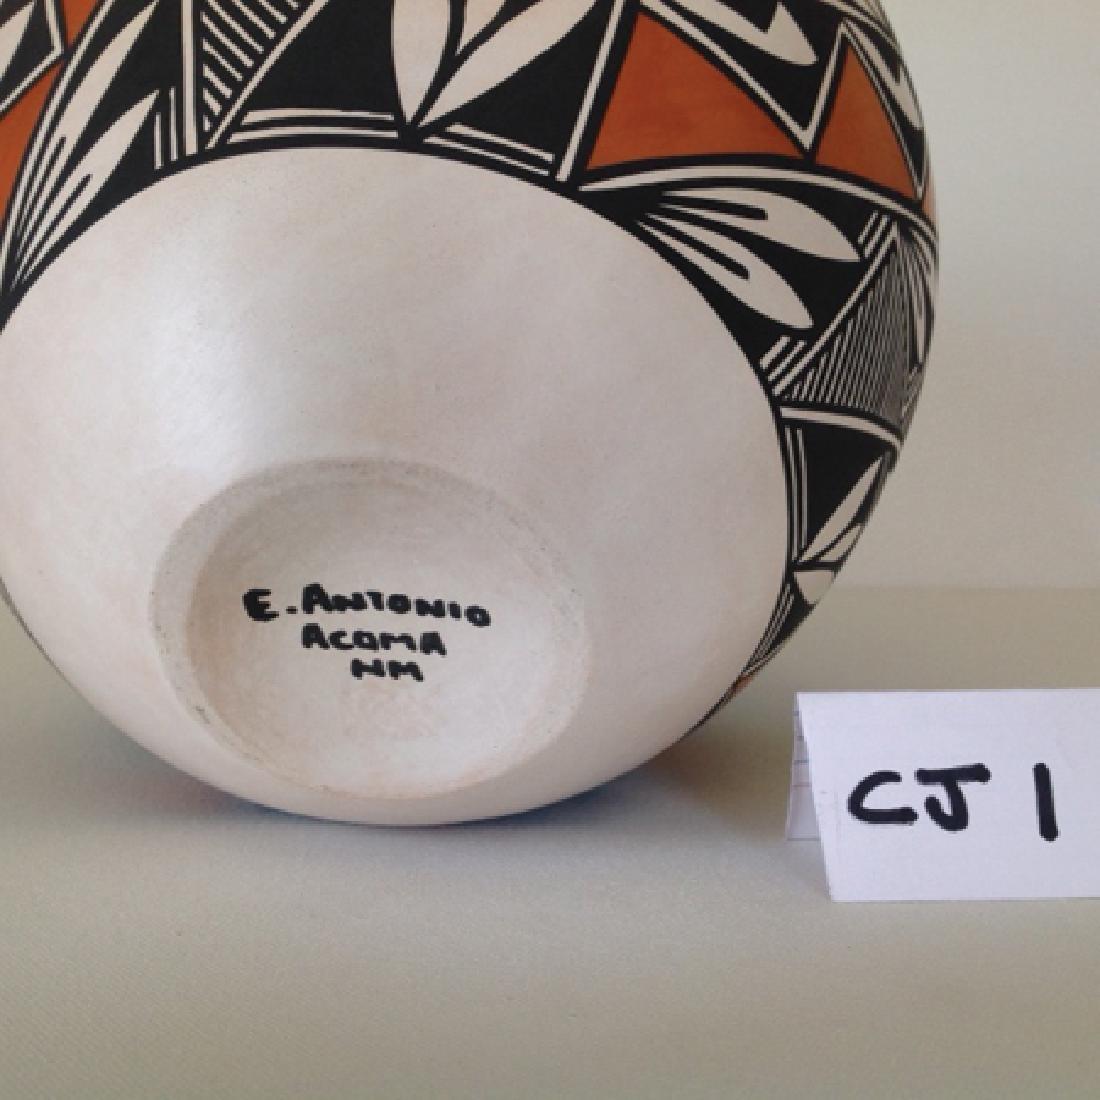 Acoma Pottery Jar - E. Antonio - 2